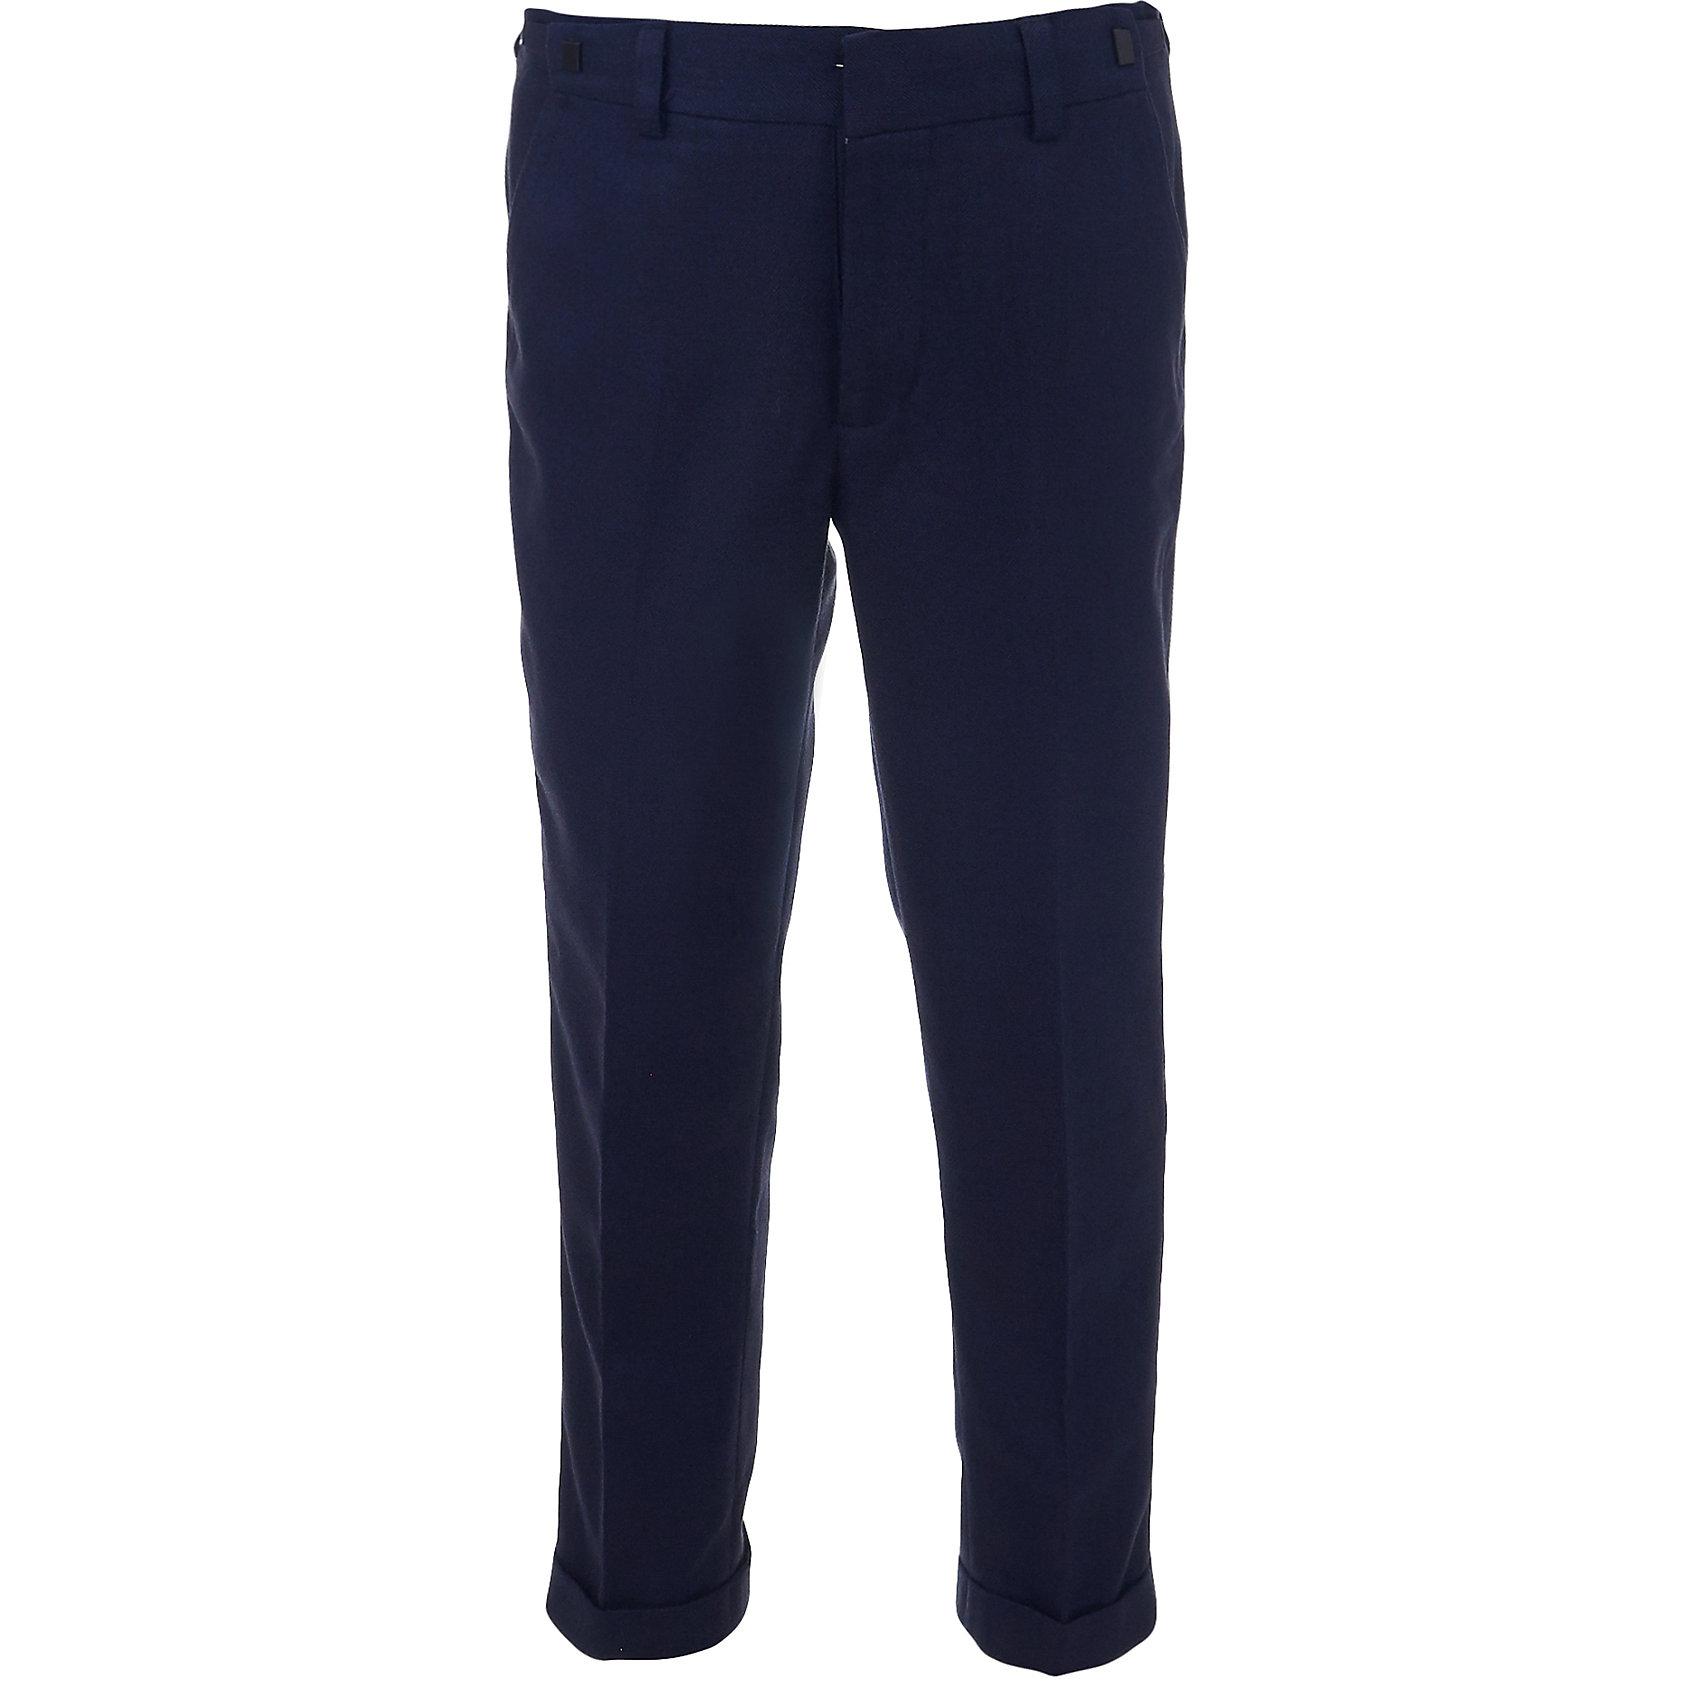 Брюки для мальчика GulliverБрюки<br>Классические брюки для мальчика - основа повседневного школьного гардероба. В сочетании с любым верхом, они смотрятся строго, настраивая на деловую волну. Хороший состав, качество и оригинальная текстура ткани обеспечивают брюкам  достойный внешний вид, долговечность и неприхотливость в уходе. Синие школьные брюки для мальчика имеют удобную регулировку пояса, создающую комфортную посадку изделия на любой фигуре.<br>Состав:<br>Верх: 11% шерсть 32% вискоза 57% полиэстер; Подкладка: 50% вискоза 50% полиэстер<br><br>Ширина мм: 215<br>Глубина мм: 88<br>Высота мм: 191<br>Вес г: 336<br>Цвет: синий<br>Возраст от месяцев: 168<br>Возраст до месяцев: 180<br>Пол: Мужской<br>Возраст: Детский<br>Размер: 170,140,122,128,134,146,152,158,164<br>SKU: 6678564